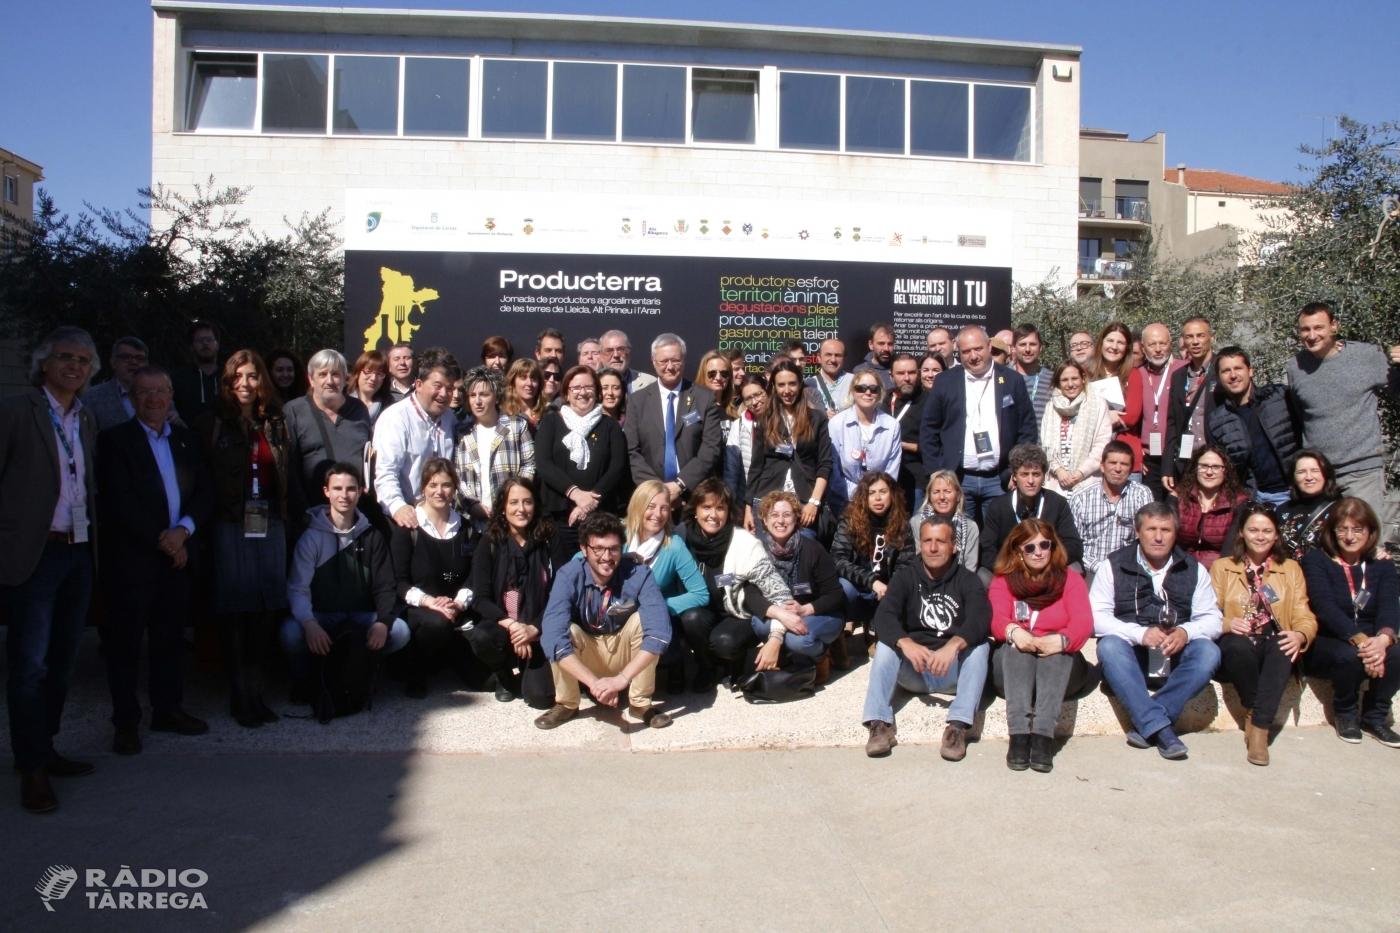 El Patronat de Promoció Econòmica de la Diputació de Lleida organitza la Jornada Producterra de Bellpuig